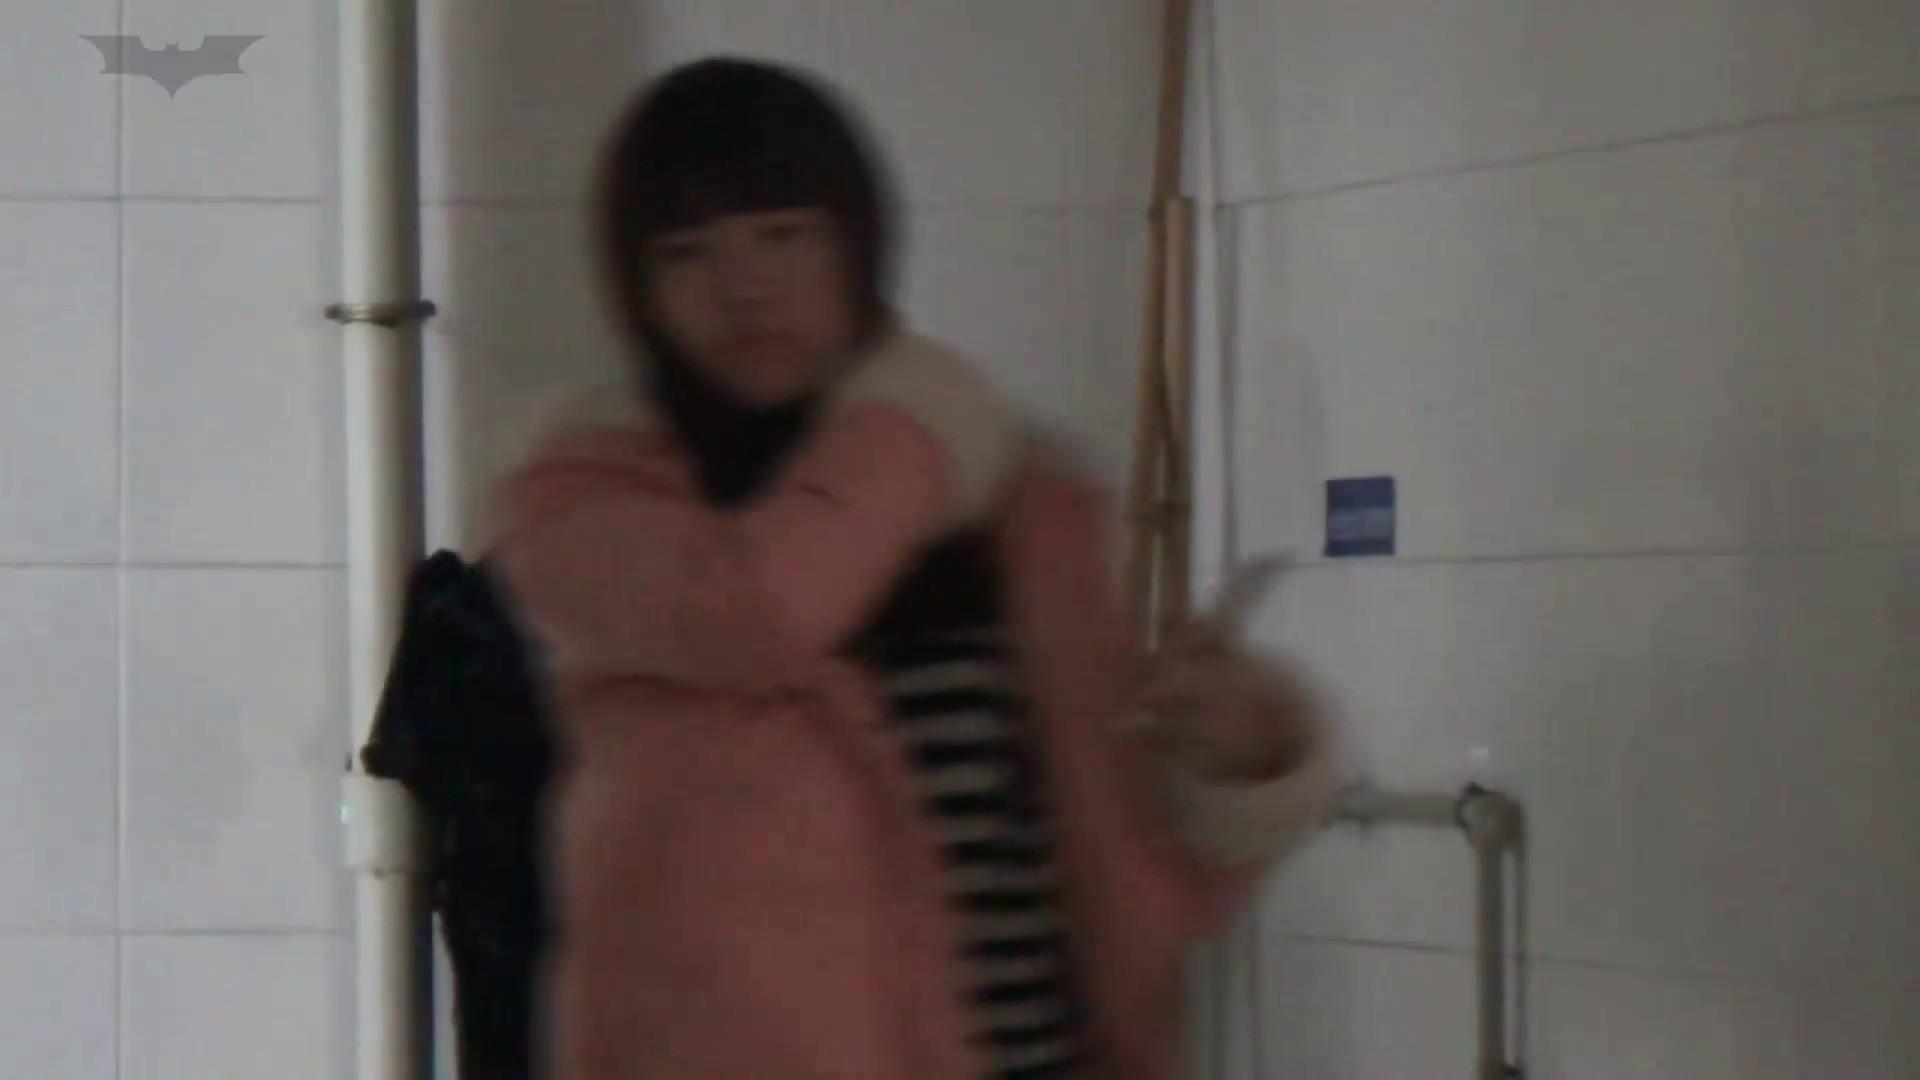 JD盗撮 美女の洗面所の秘密 Vol.21 洗面所シーン われめAV動画紹介 63画像 55